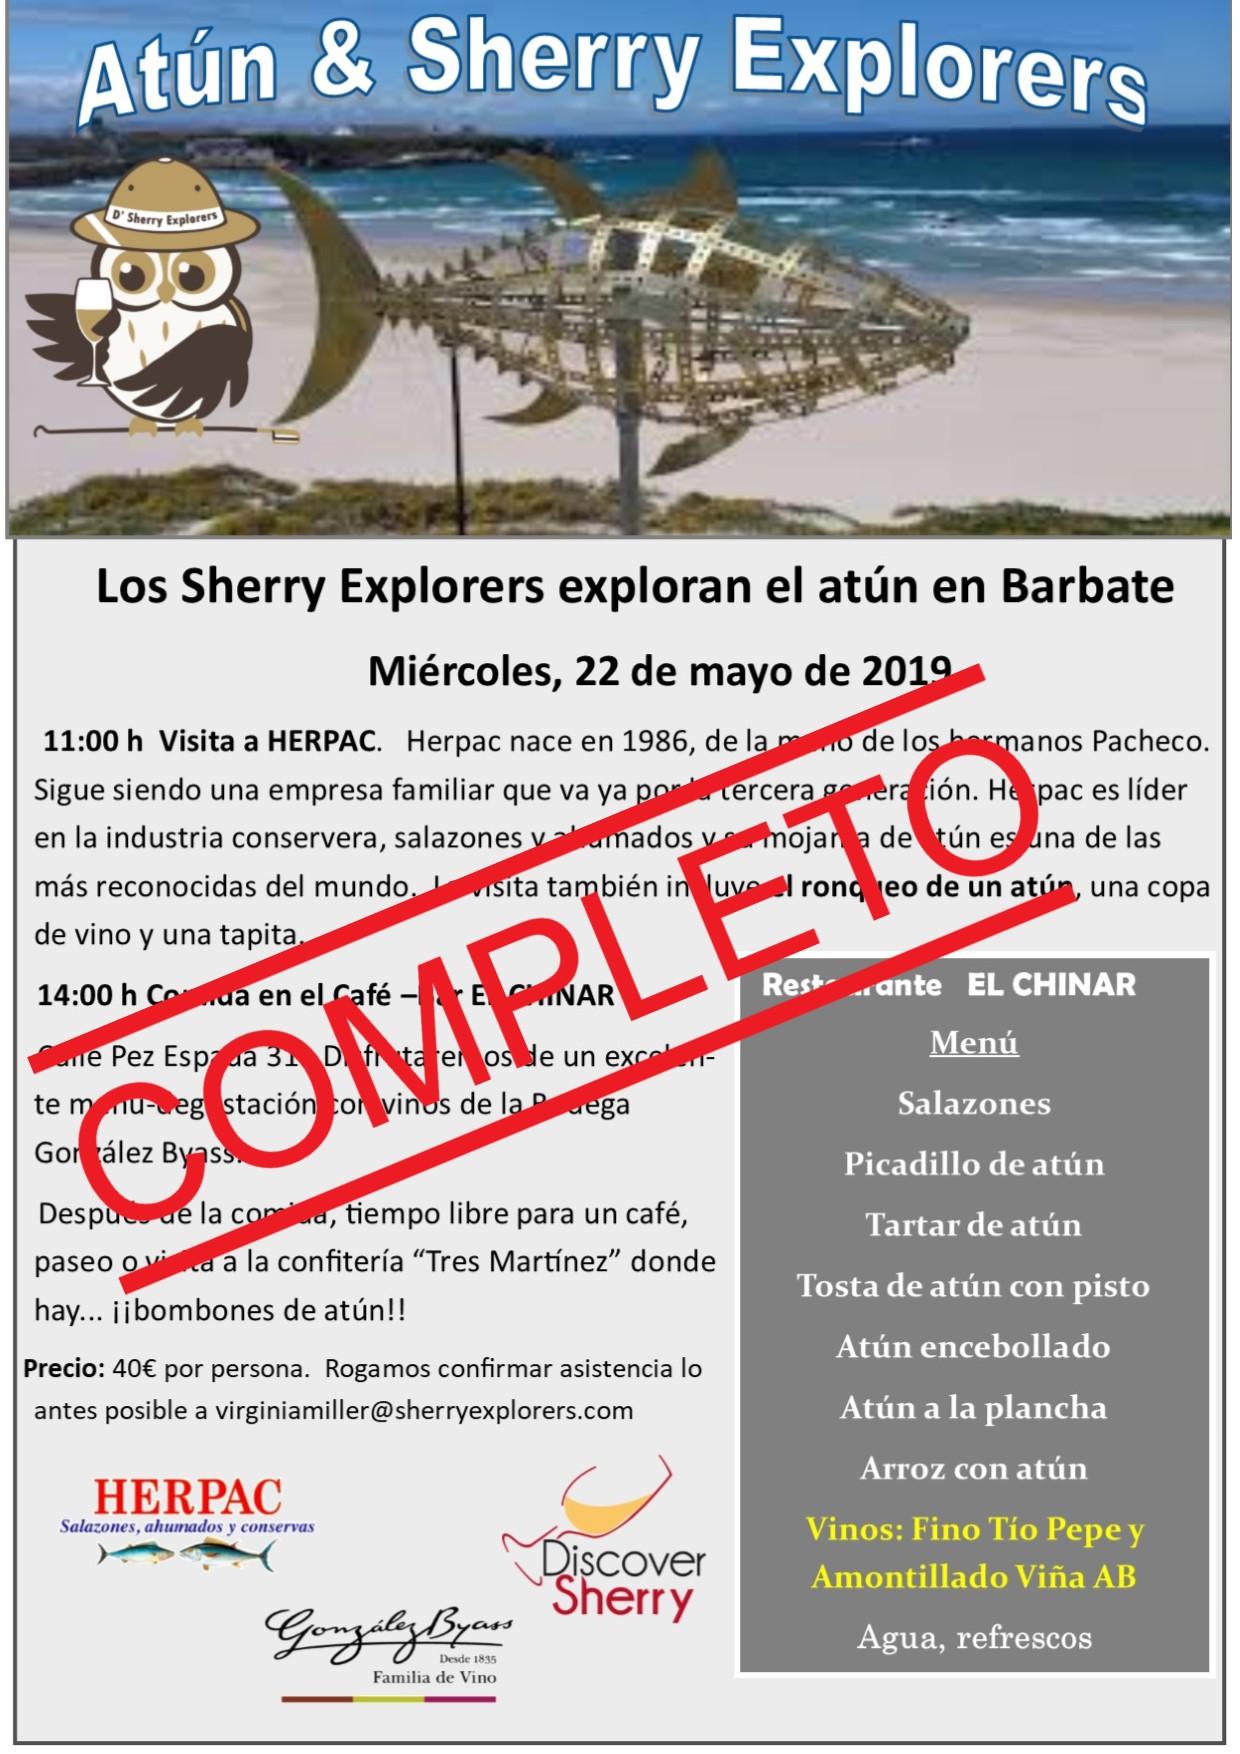 Completo: Atún y Sherry Explorers  22 demayo